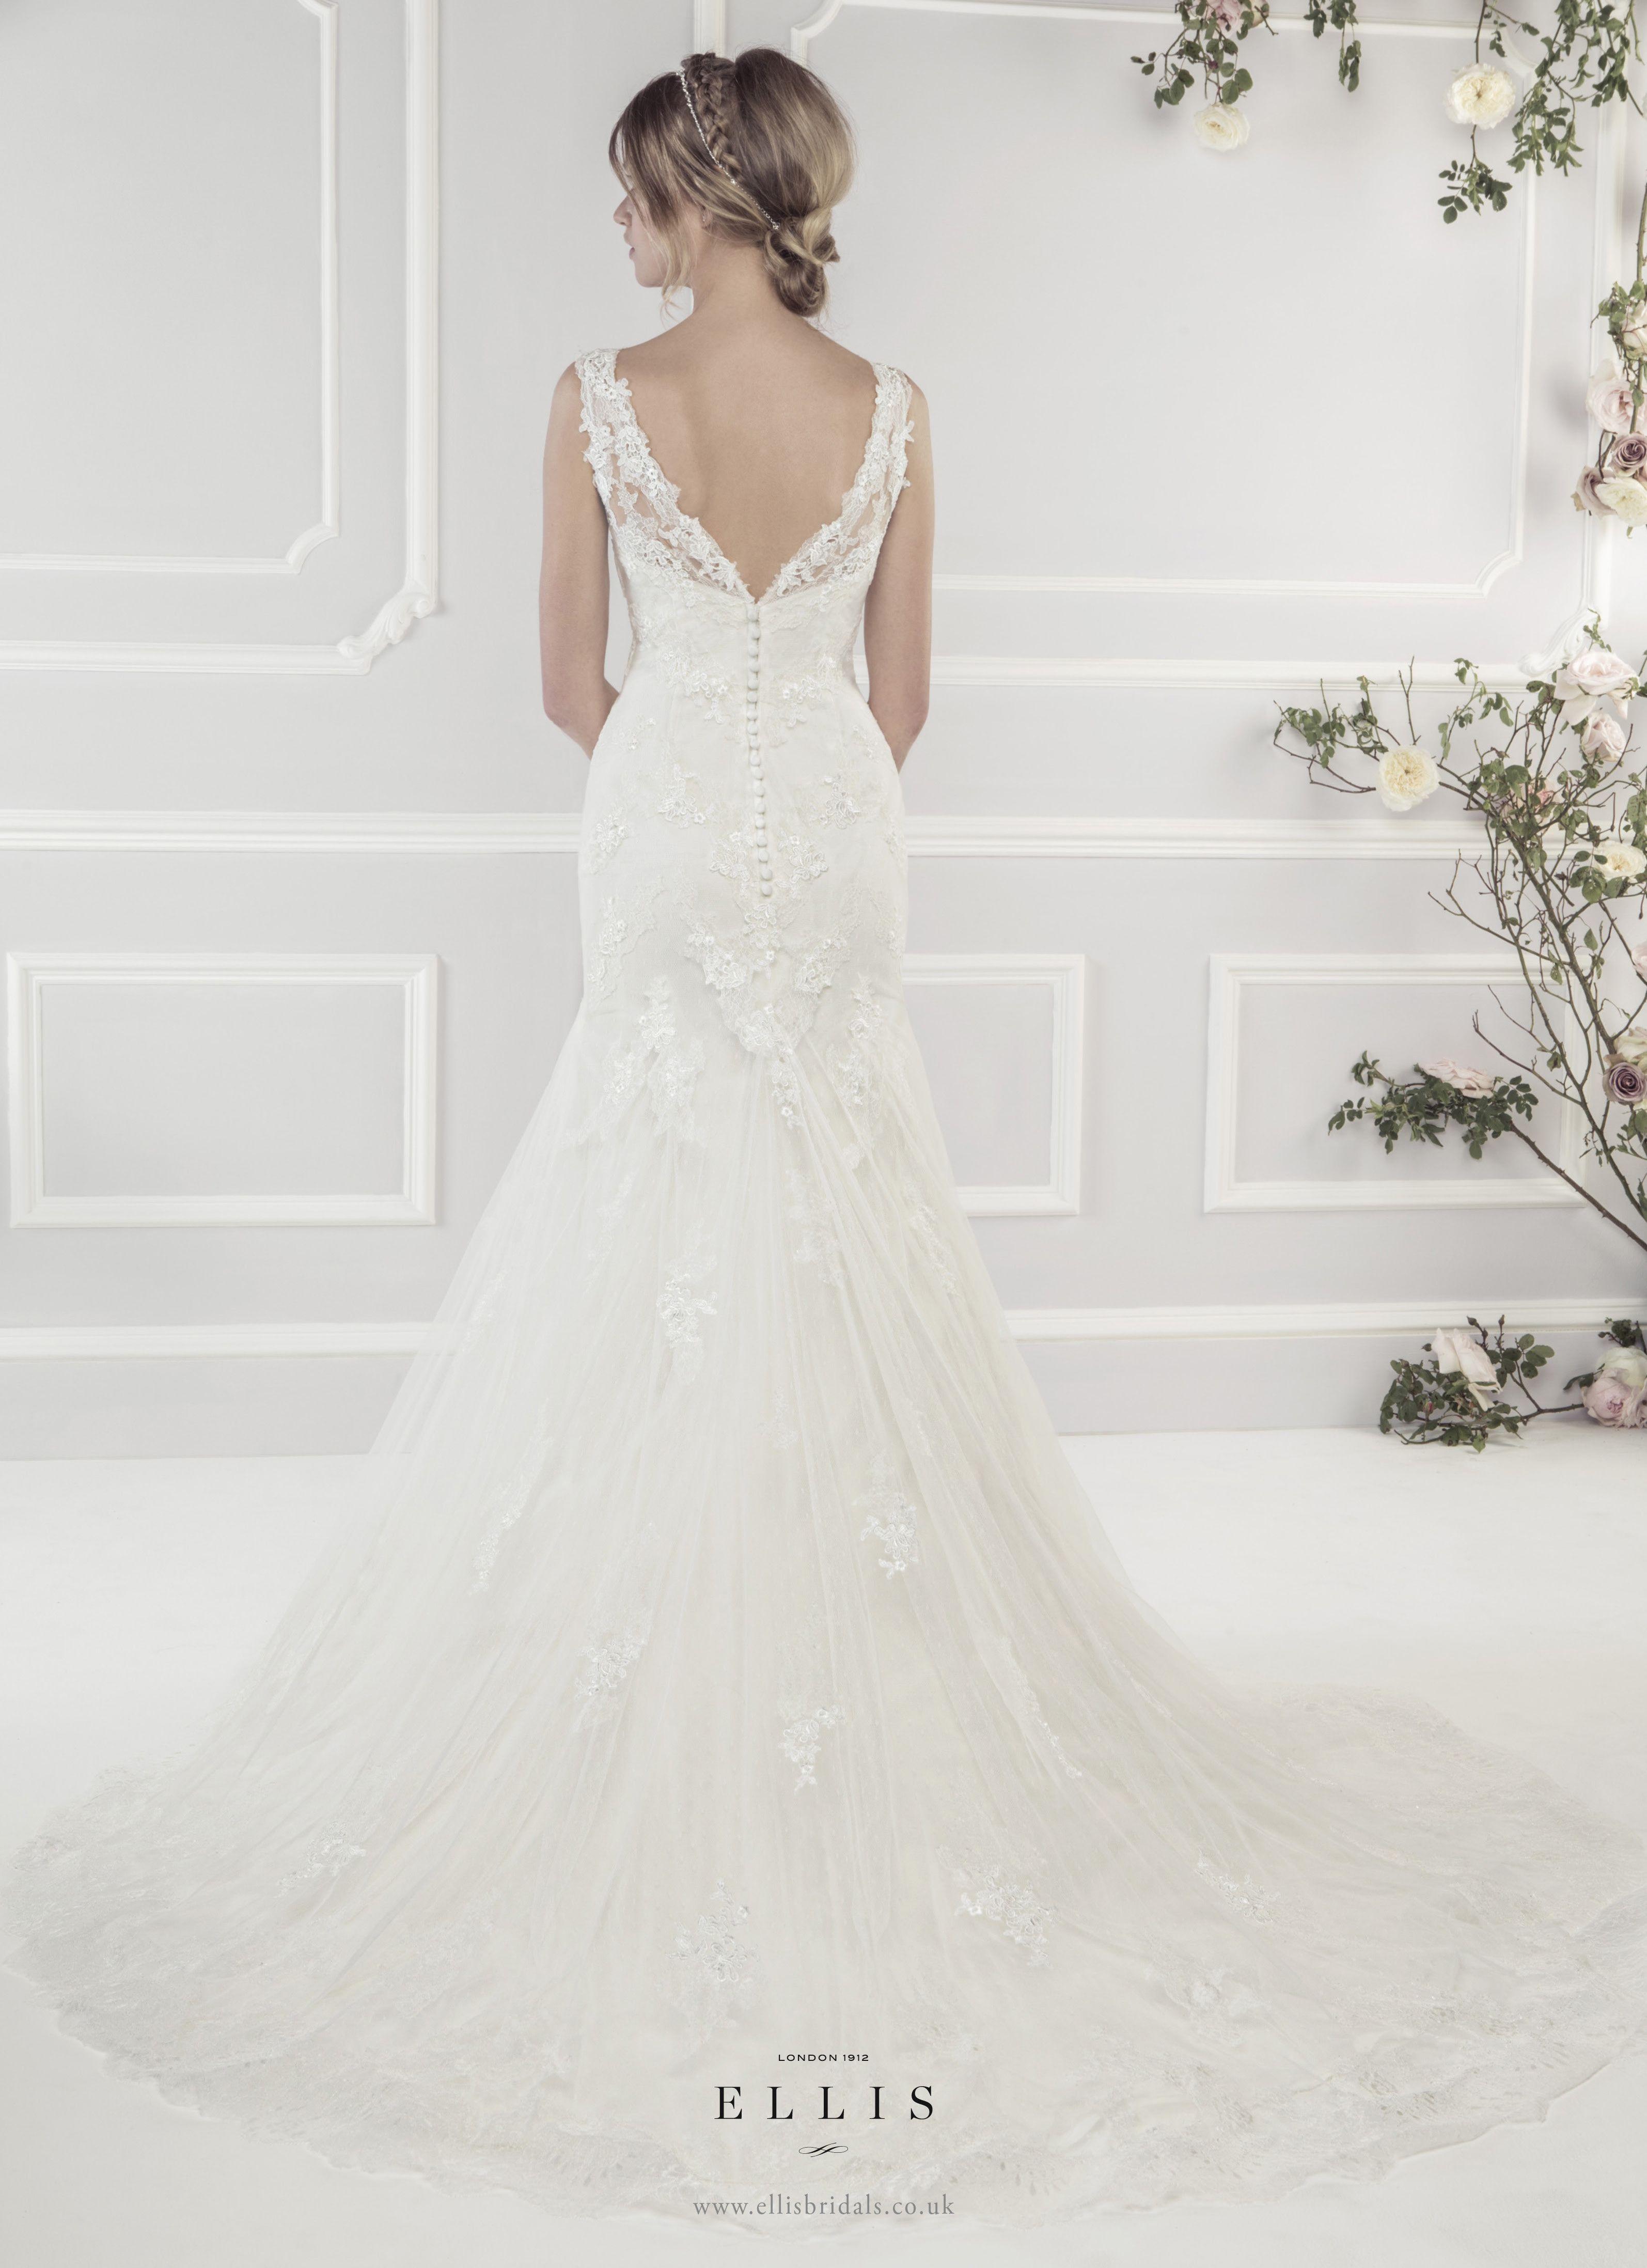 #Ellis2015 Style 11433 Back Shot 'Elegant Soft Tulle Fluted Dress with Appliqué Guipure Lace Motifs'